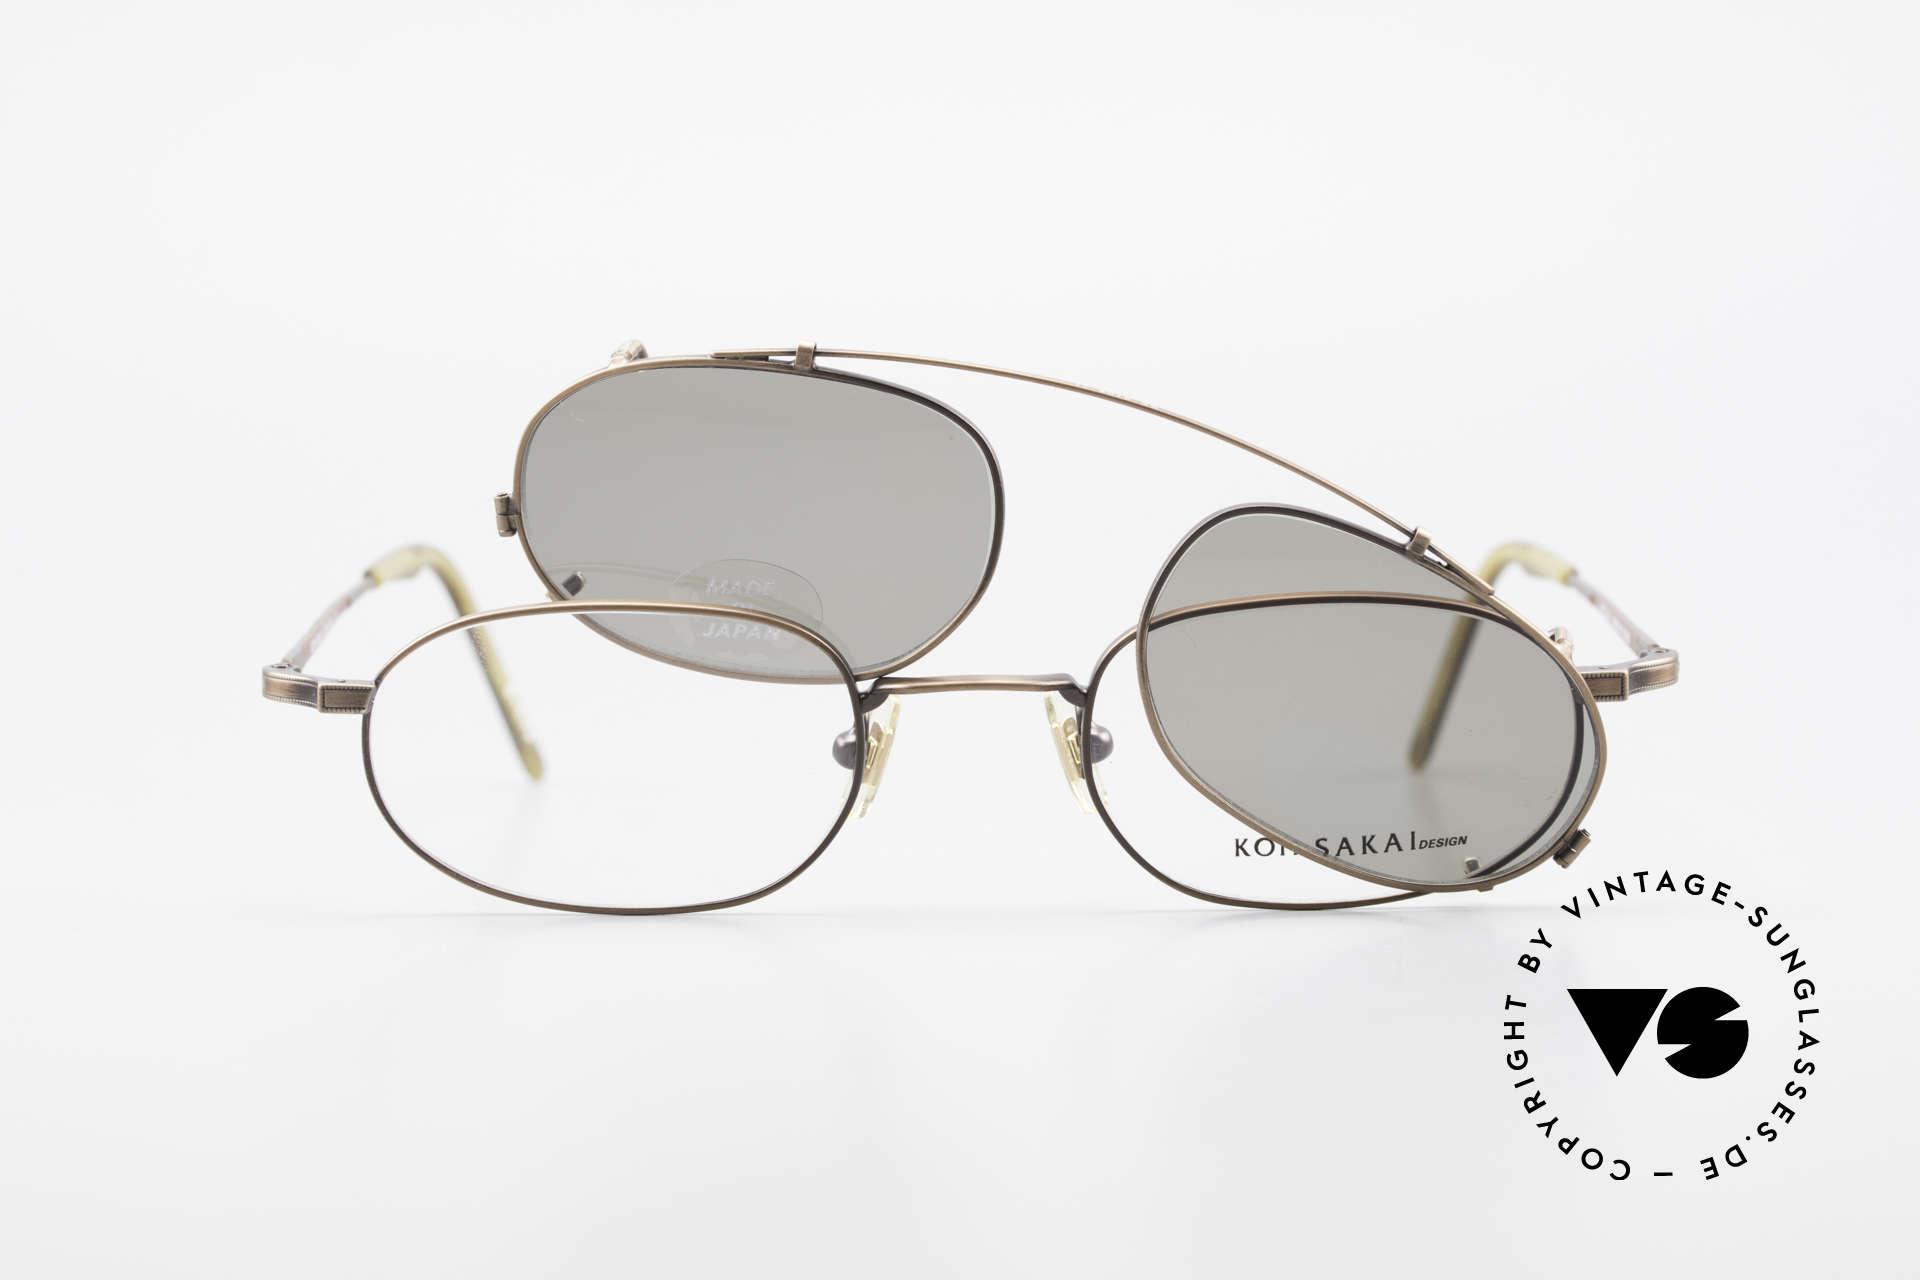 Koh Sakai KS9706 Original Made in Japan Frame, unworn, NOS (like all our old L.A.+ Sabae eyeglasses), Made for Men and Women